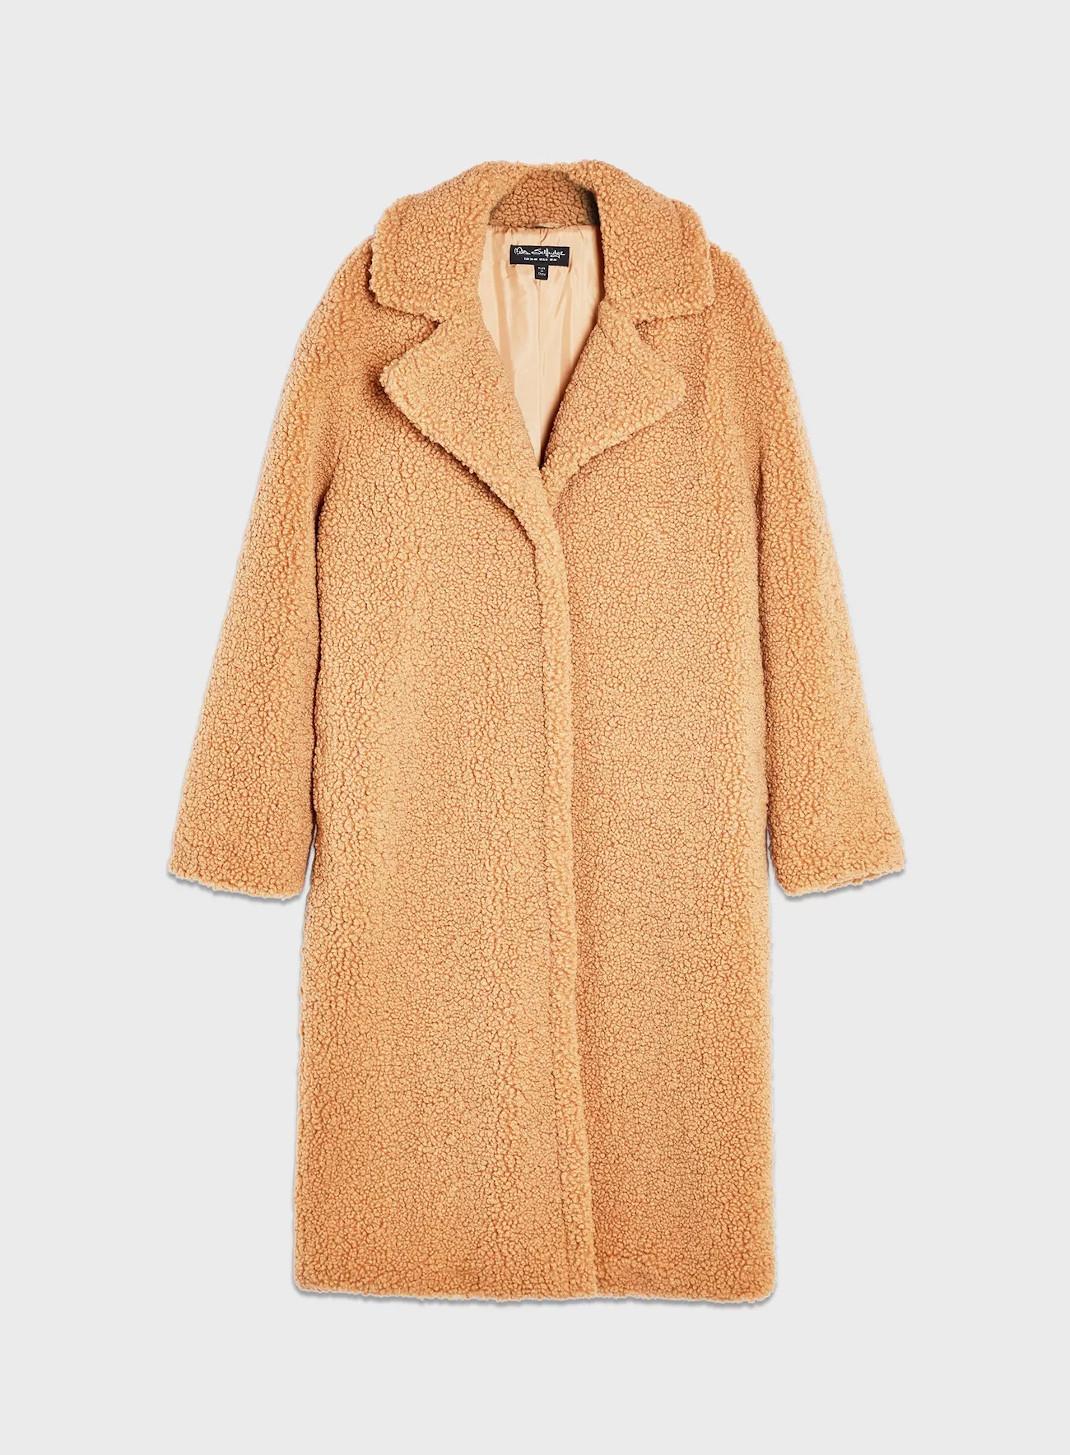 παλτό από Miss Selfridge